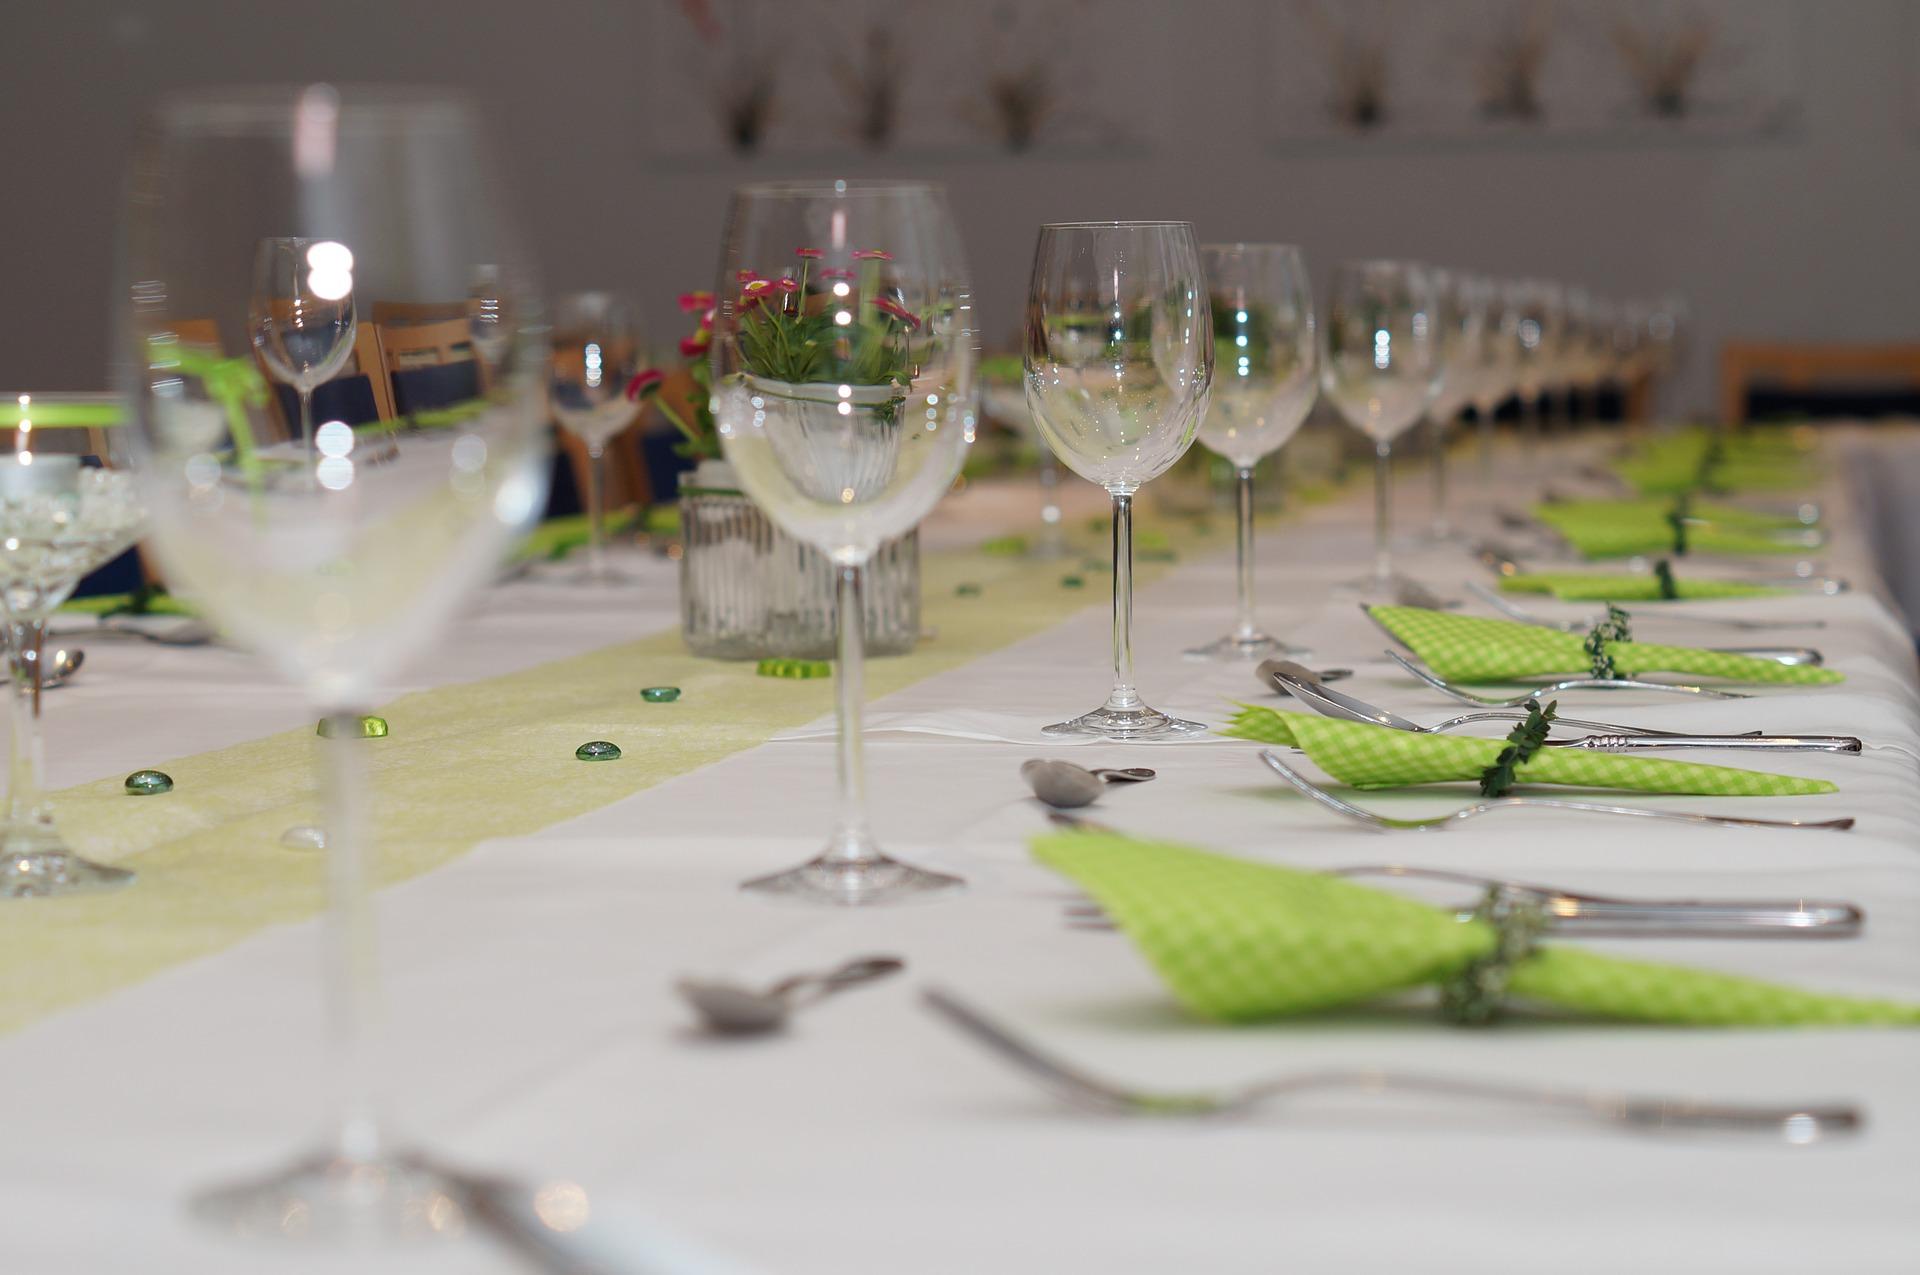 Kommunen inviterer nye borgere til fællesspisning